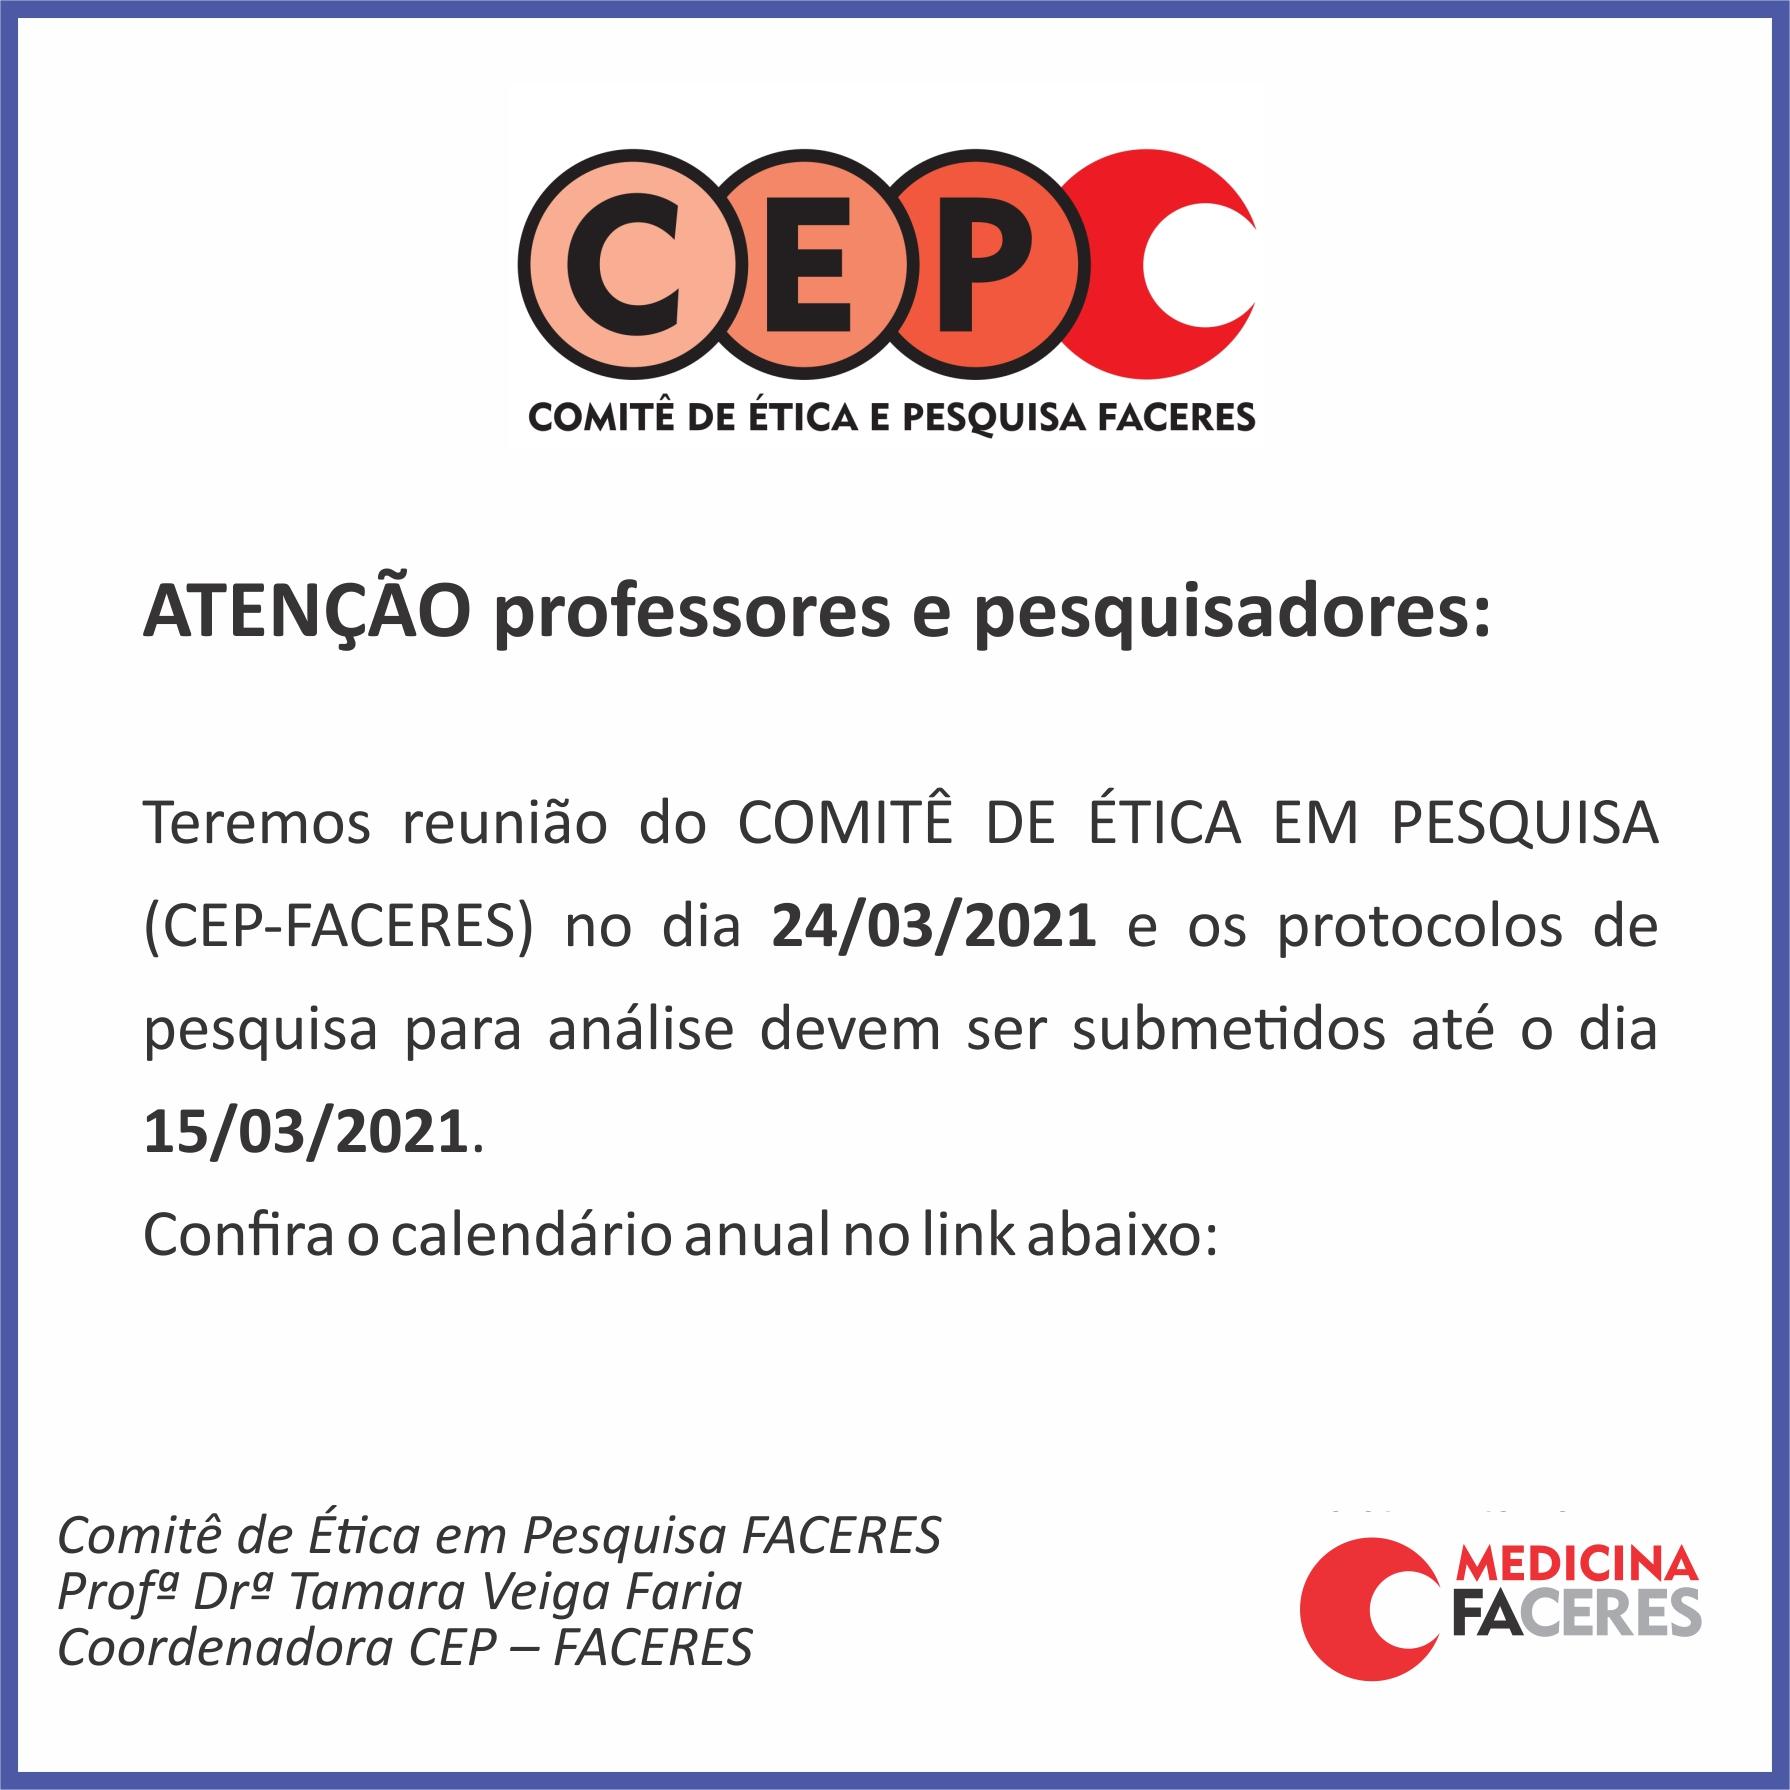 Calendário de reuniões do CEP (Comitê de Ética em Pesquisa) da FACERES